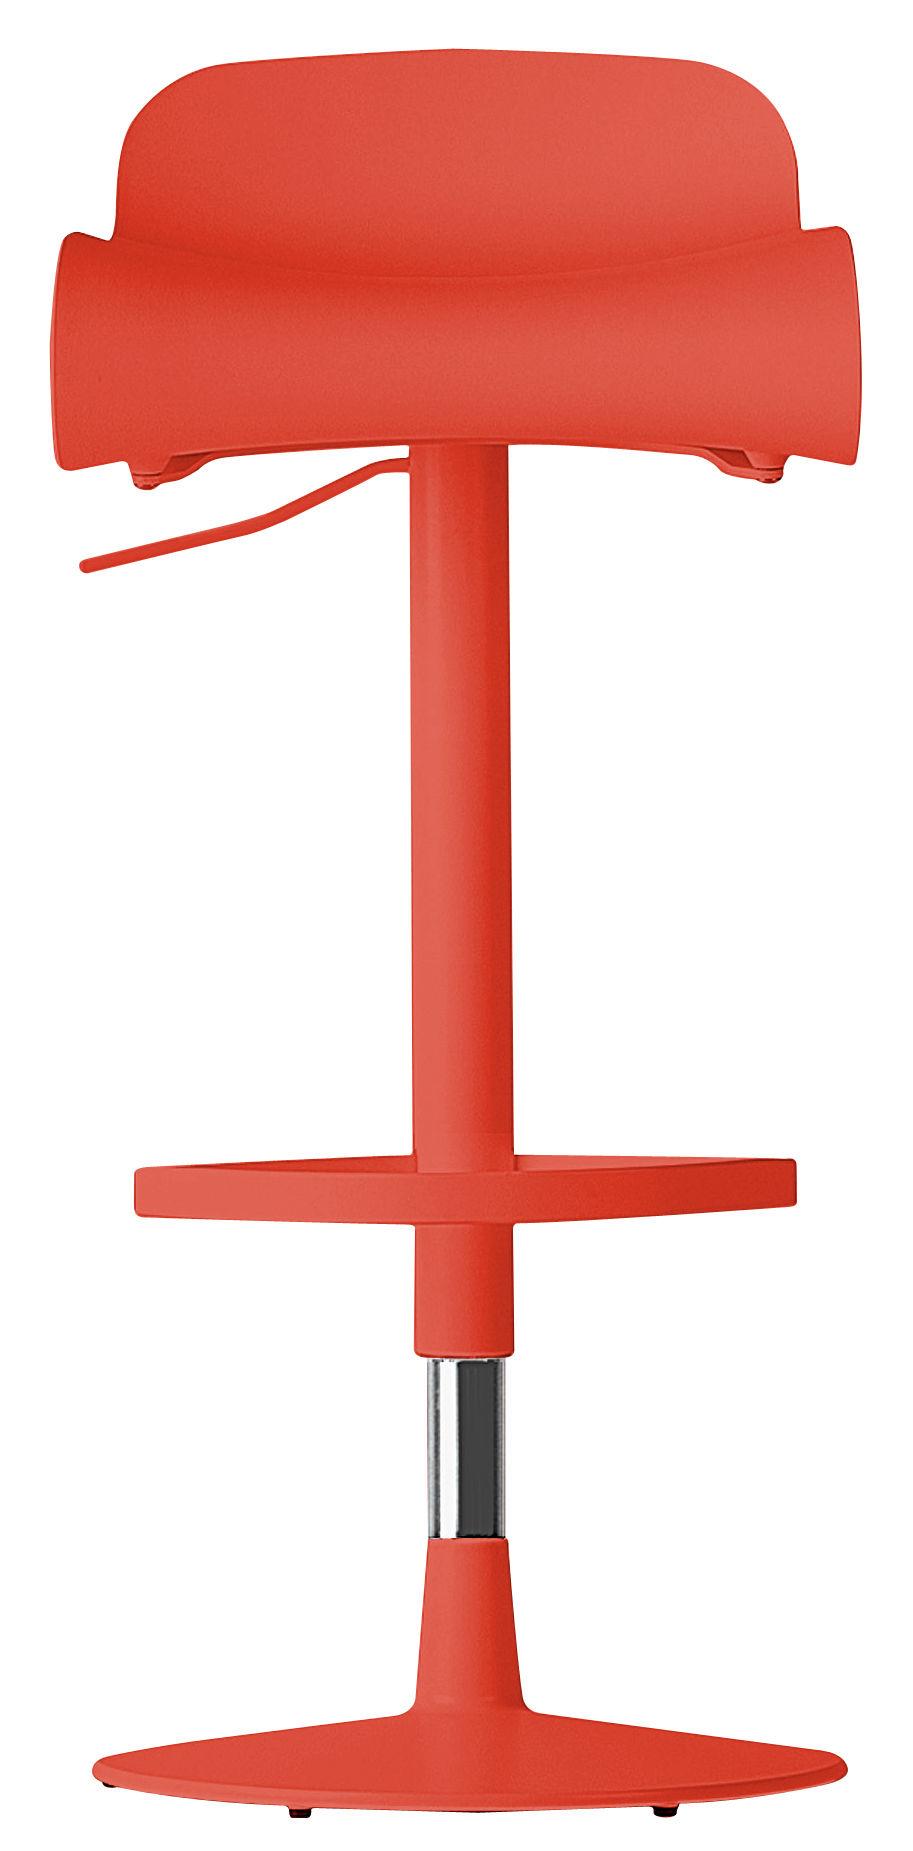 Mobilier - Tabourets de bar - Tabouret haut pivotant BCN / H 67 à 81 cm - Kristalia - Corail - Acier, Matériau plastique